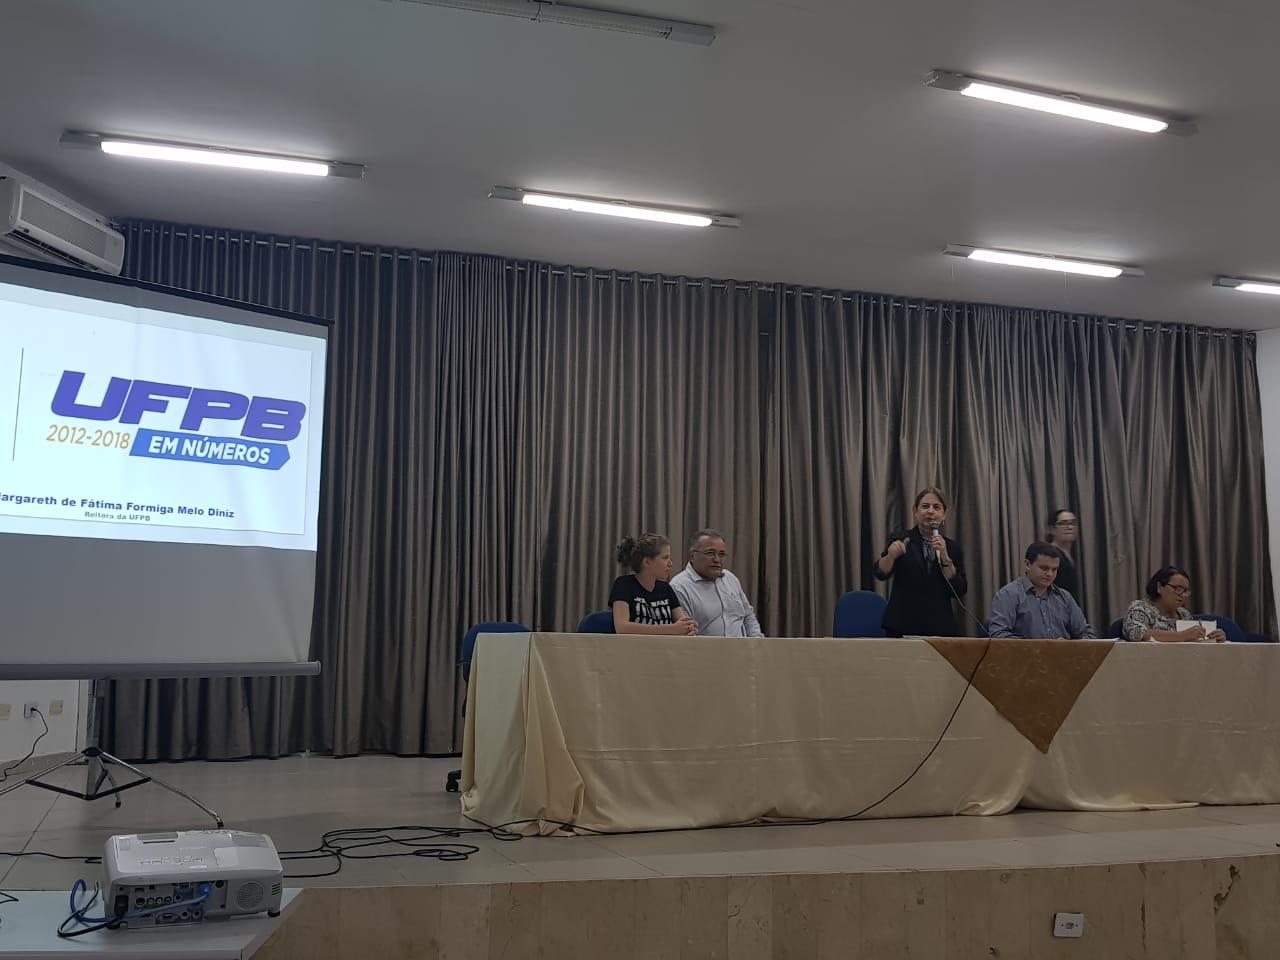 WhatsApp Image 2019 05 07 at 14.49.53 - UFPB EM NÚMEROS: Assembleia de professores, alunos e servidores formula carta de repúdio a corte de R$ 44 milhões